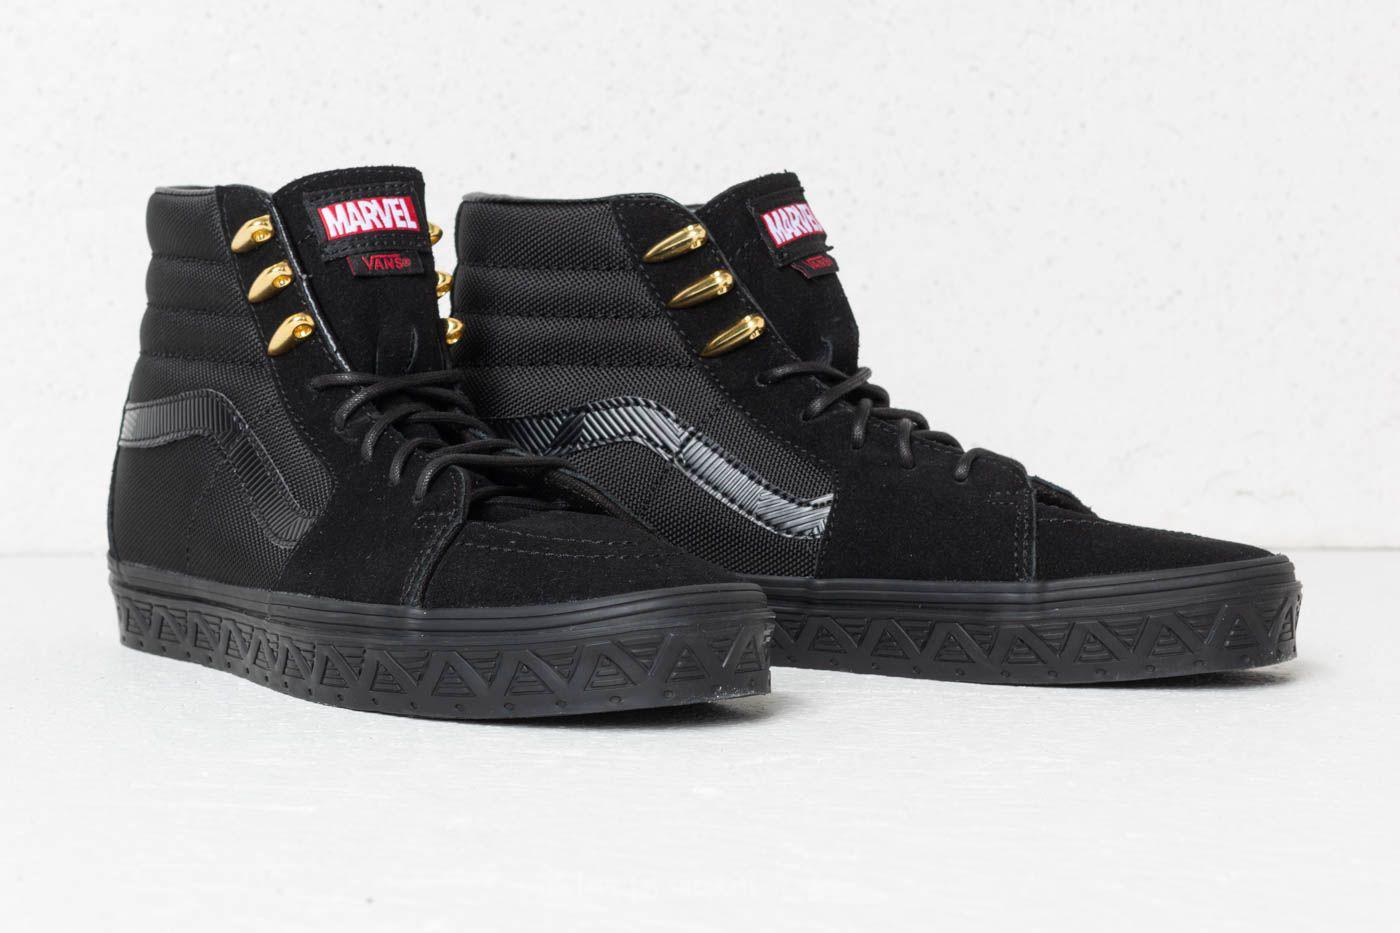 Lyst - Vans Sk8-hi (marvel) Black Panther  Black in Black for Men 79ffc0b31